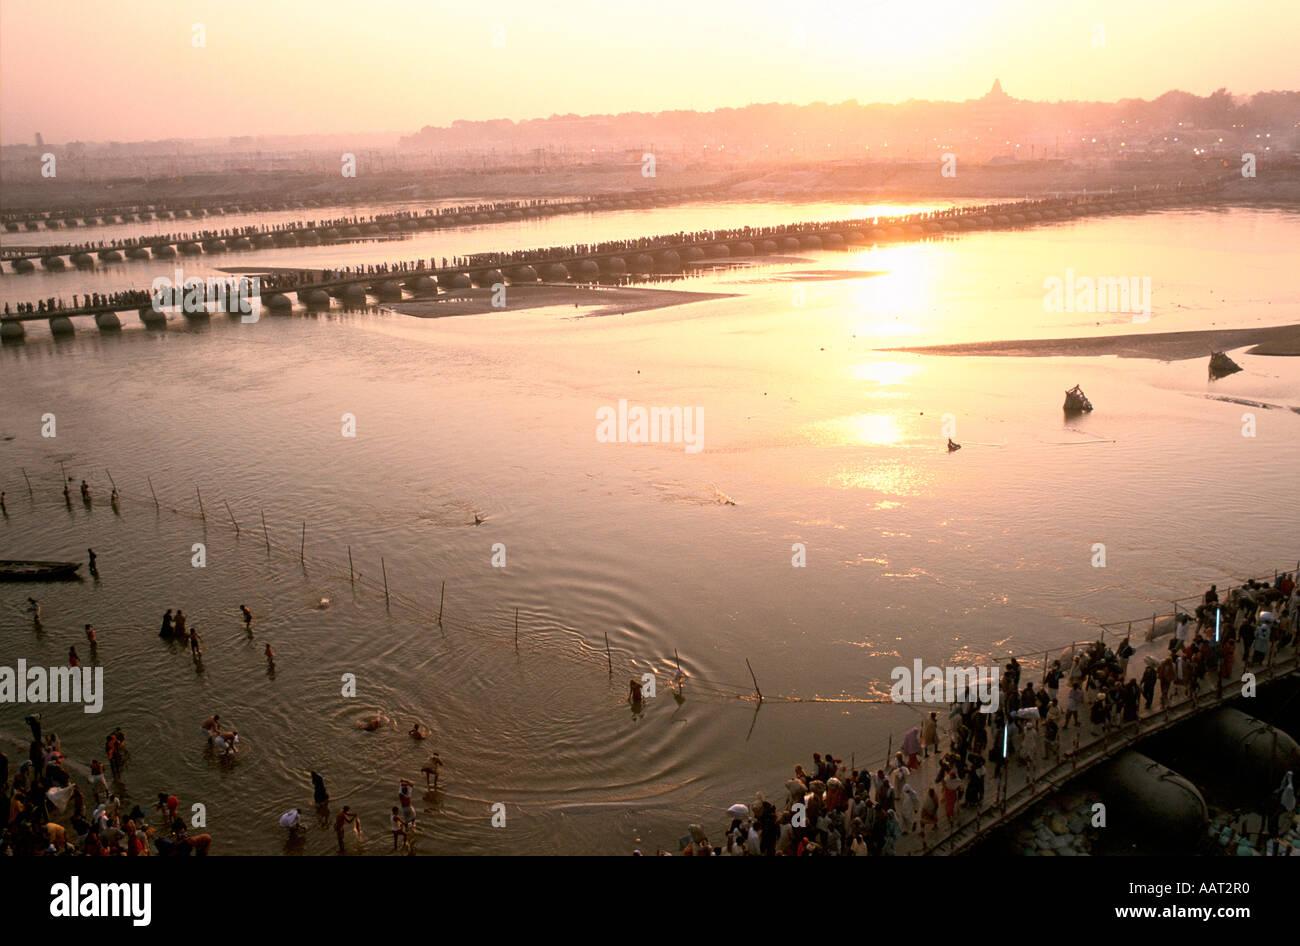 KUMBH MELA ÍNDIA 2001 como o sol se põe sobre ALLAHABAD muitos peregrinos banhar e rezar NAS ÁGUAS Imagens de Stock